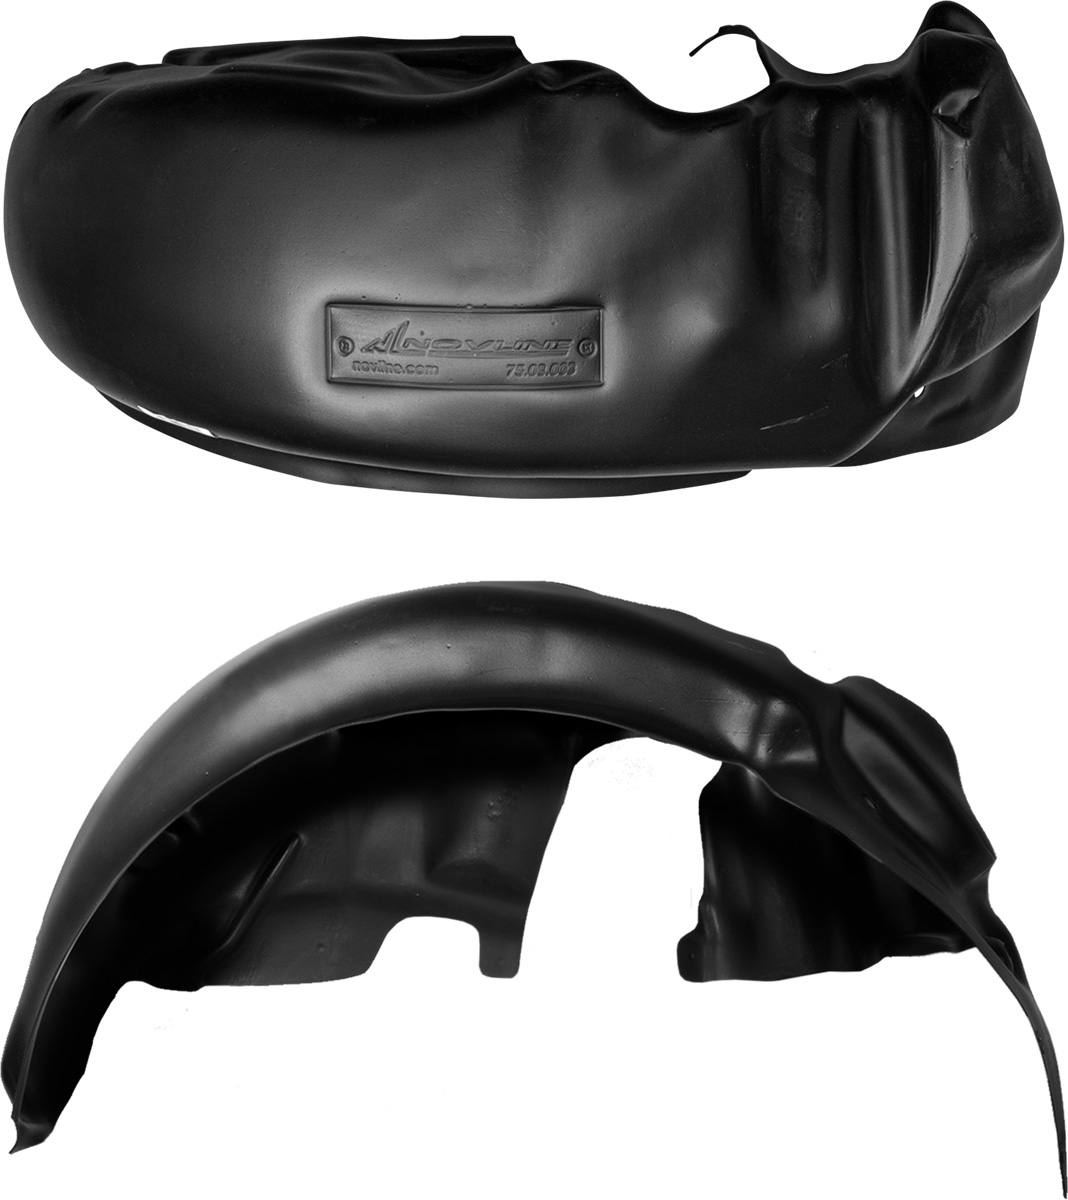 Подкрылок Novline-Autofamily, для Renault Sandero, 01/2014->, задний правыйNLL.41.35.004Колесные ниши – одни из самых уязвимых зон днища вашего автомобиля. Они постоянно подвергаются воздействию со стороны дороги. Лучшая, почти абсолютная защита для них - специально отформованные пластиковые кожухи, которые называются подкрылками, или локерами. Производятся они как для отечественных моделей автомобилей, так и для иномарок. Подкрылки выполнены из высококачественного, экологически чистого пластика. Обеспечивают надежную защиту кузова автомобиля от пескоструйного эффекта и негативного влияния, агрессивных антигололедных реагентов. Пластик обладает более низкой теплопроводностью, чем металл, поэтому в зимний период эксплуатации использование пластиковых подкрылков позволяет лучше защитить колесные ниши от налипания снега и образования наледи. Оригинальность конструкции подчеркивает элегантность автомобиля, бережно защищает нанесенное на днище кузова антикоррозийное покрытие и позволяет осуществить крепление подкрылков внутри колесной арки практически без дополнительного крепежа и сверления, не нарушая при этом лакокрасочного покрытия, что предотвращает возникновение новых очагов коррозии. Технология крепления подкрылков на иномарки принципиально отличается от крепления на российские автомобили и разрабатывается индивидуально для каждой модели автомобиля. Подкрылки долговечны, обладают высокой прочностью и сохраняют заданную форму, а также все свои физико-механические характеристики в самых тяжелых климатических условиях ( от -50° С до + 50° С).